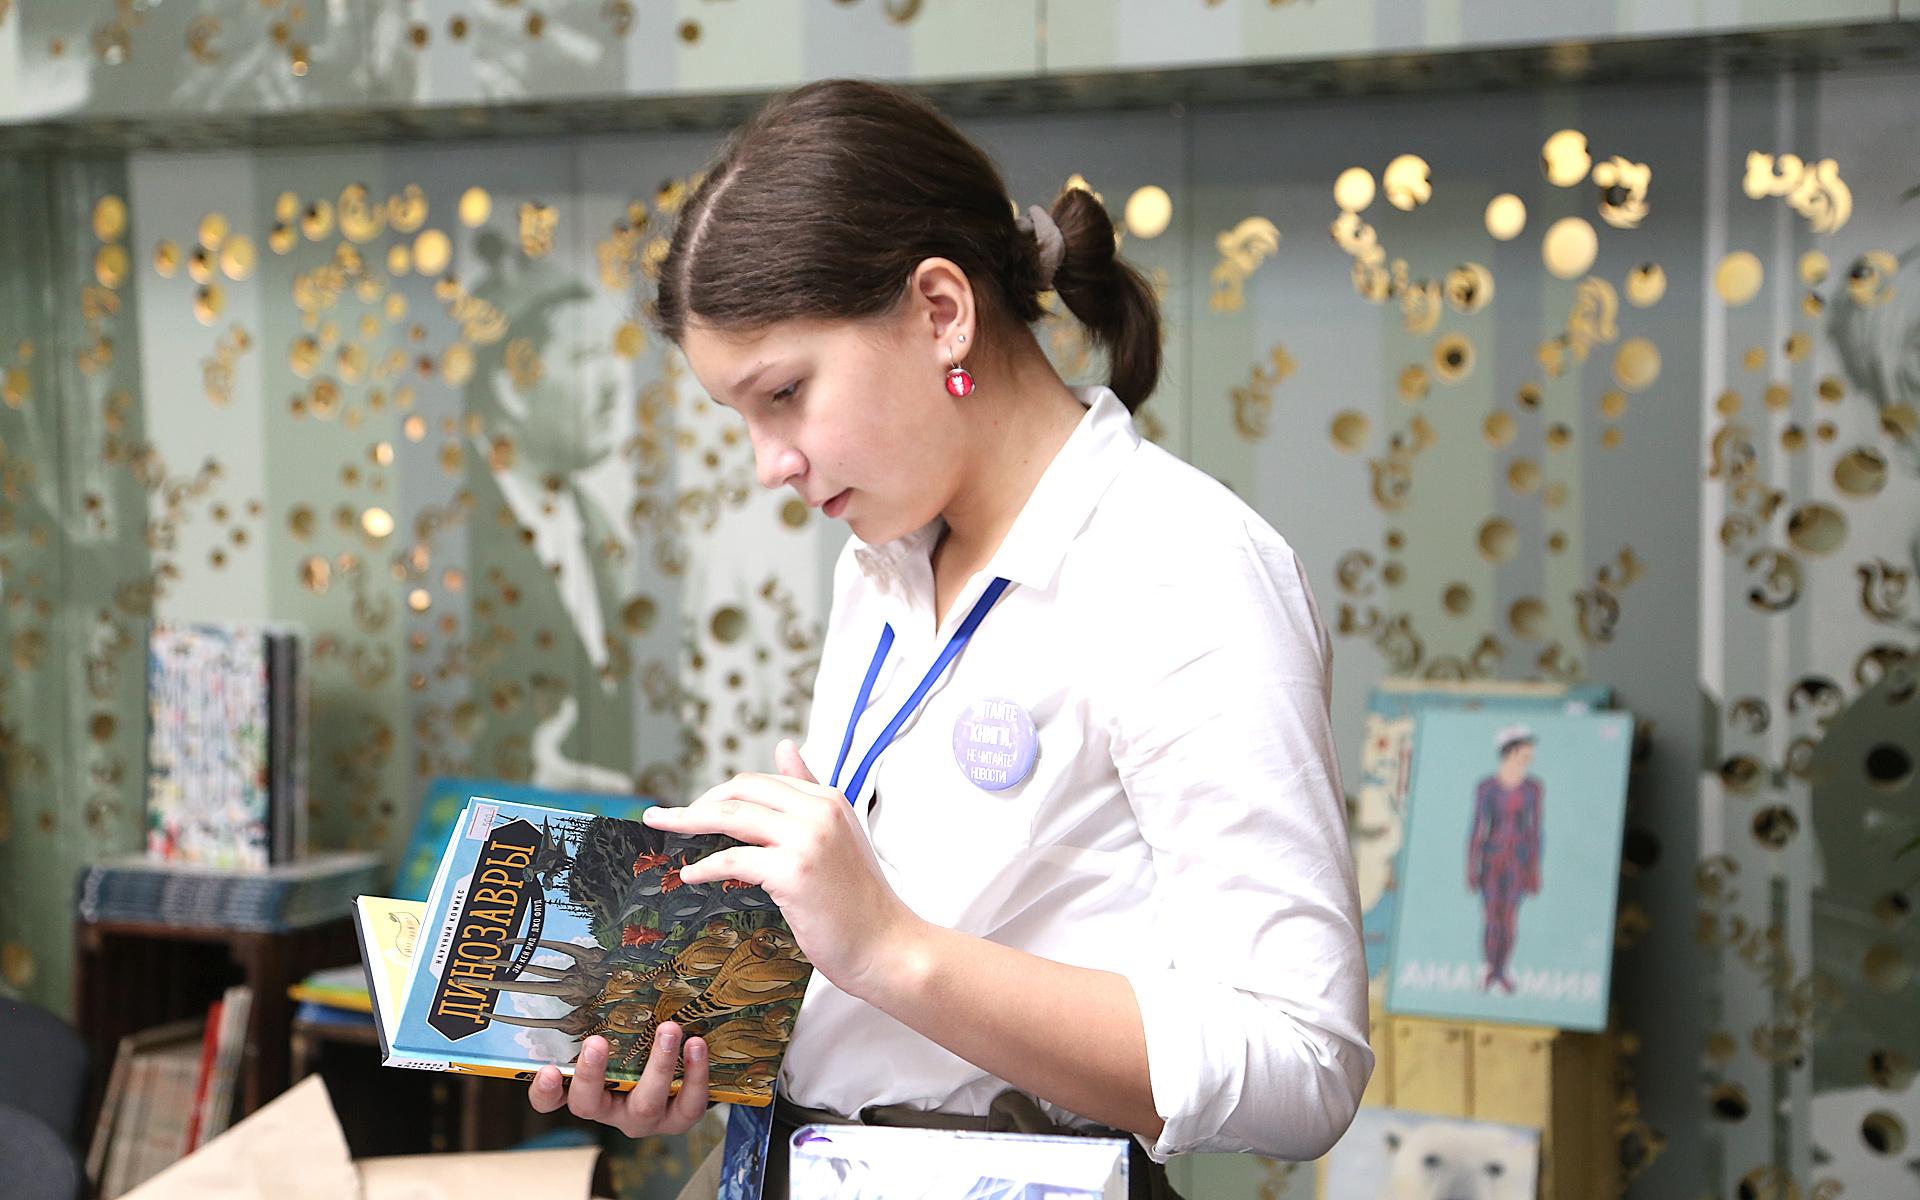 Топ-10 книг для детей и подростков 2017–2018 года